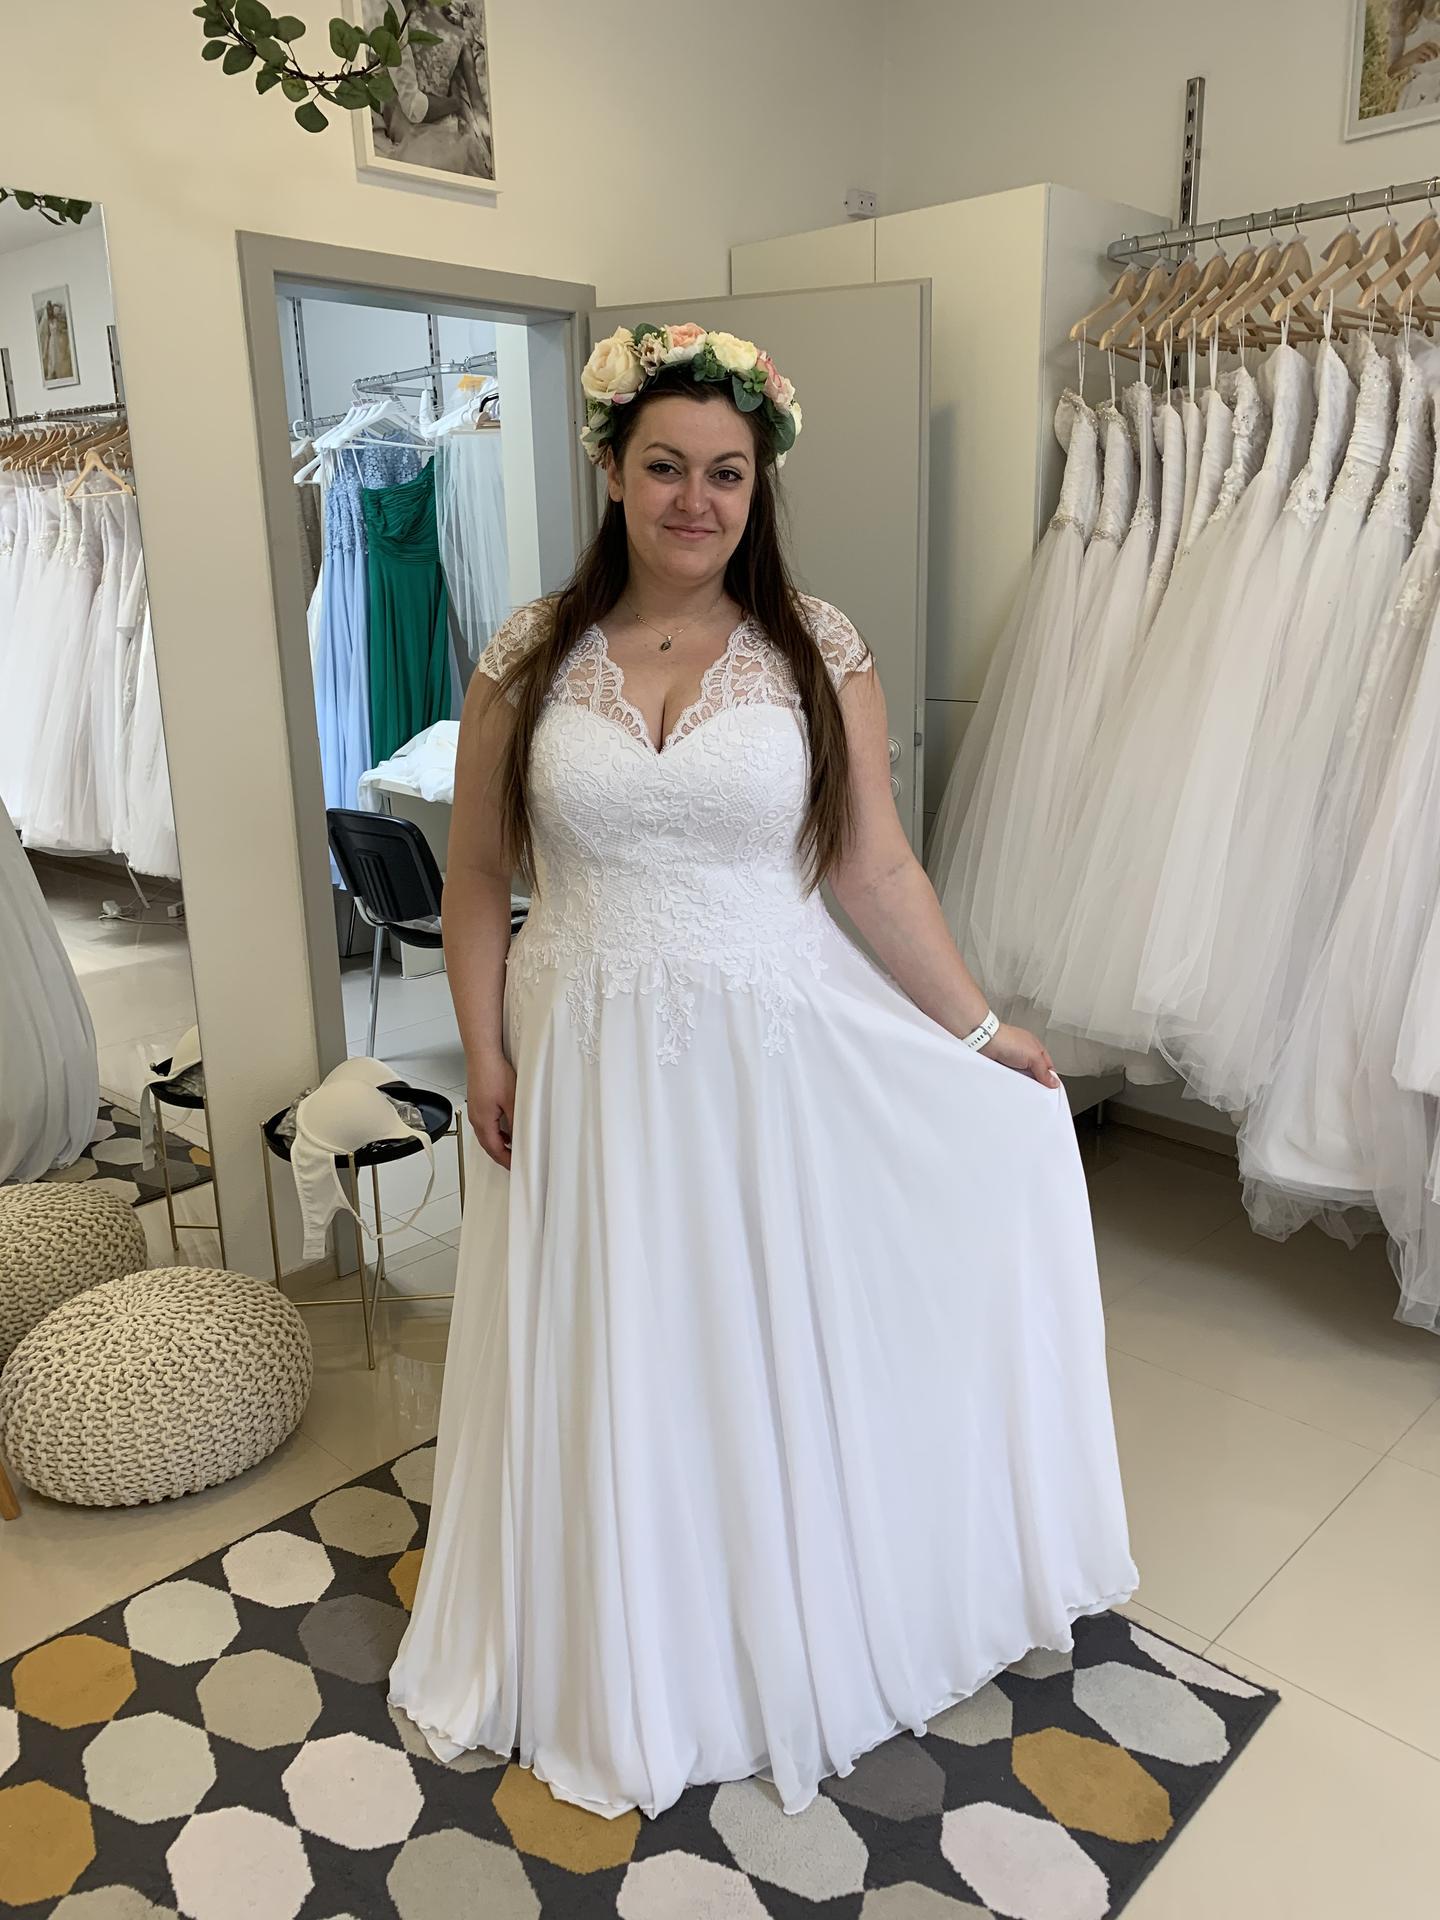 24 dní do svatby... A dneska mám za sebou finální zkoušku šatů, aby se upravily detaily a délky. 🥰 jsem nadšená... Snad nebudu sama. - Obrázek č. 2